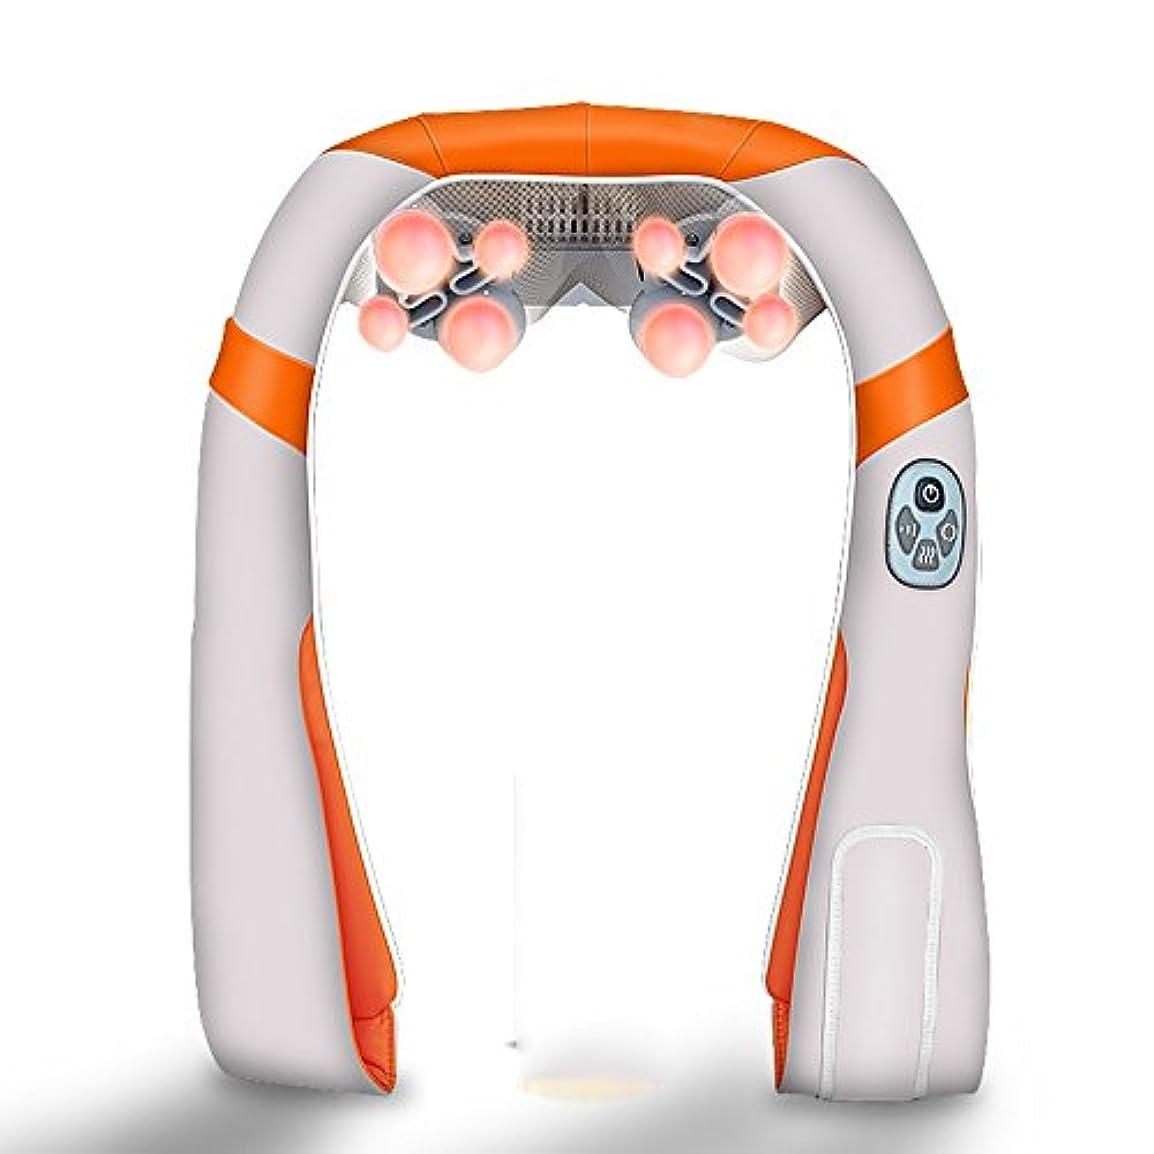 役員シティサイトHAIZHEN マッサージチェア フルボディマッサージ器電動運動の混乱指圧ローリングホットパックリウマチの痛みを和らげる頭の血液循環を促進する充電式/電源式 (色 : Orange)